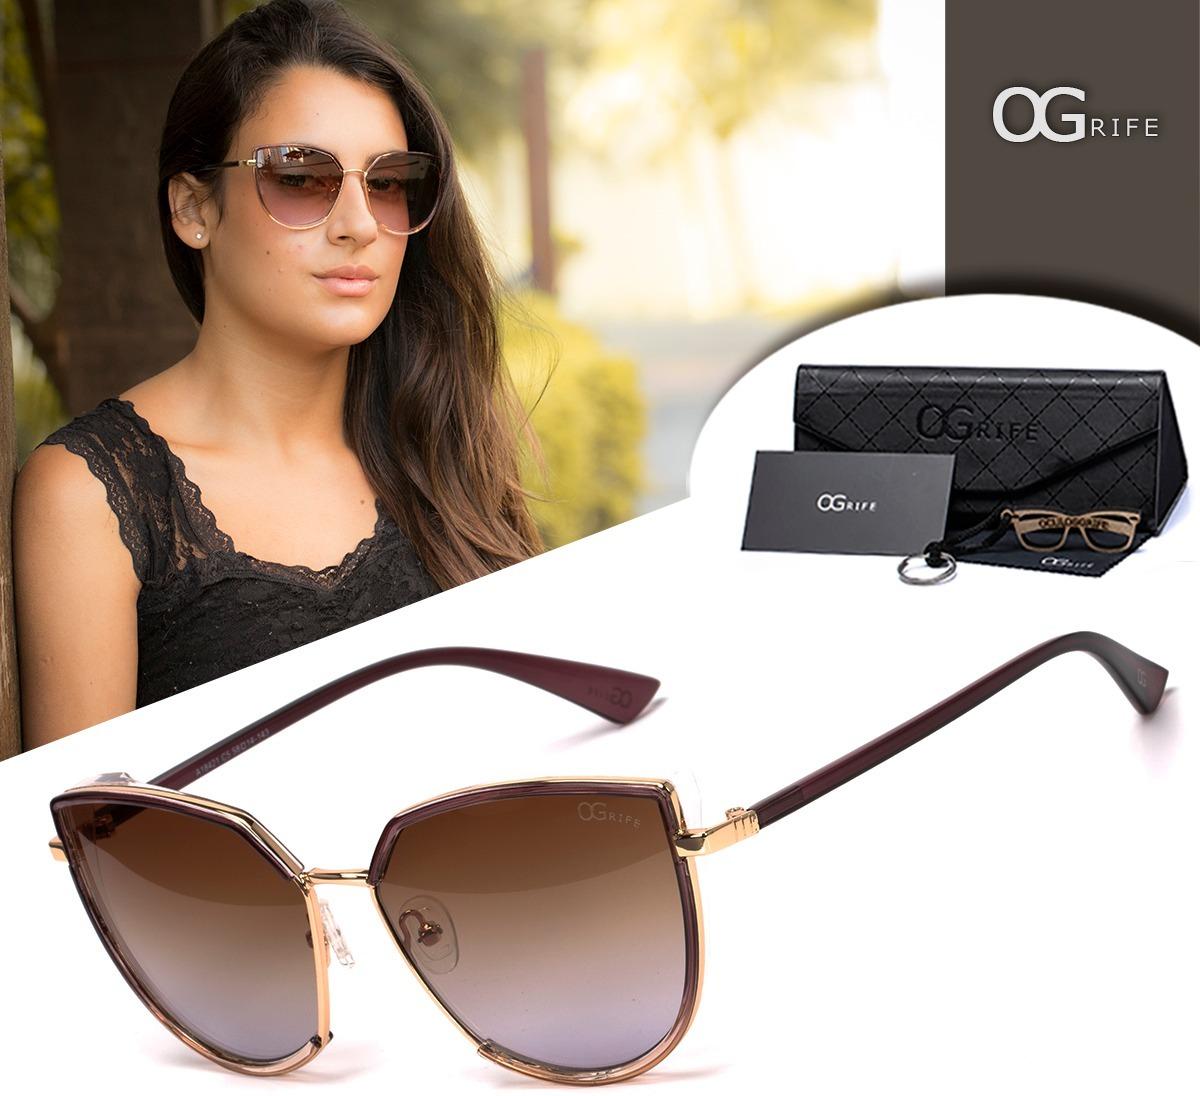 Oculos Ogrife Solar Feminino Og 1166-c Proteção Uv Original - R  90 ... cfc5fdfa0e